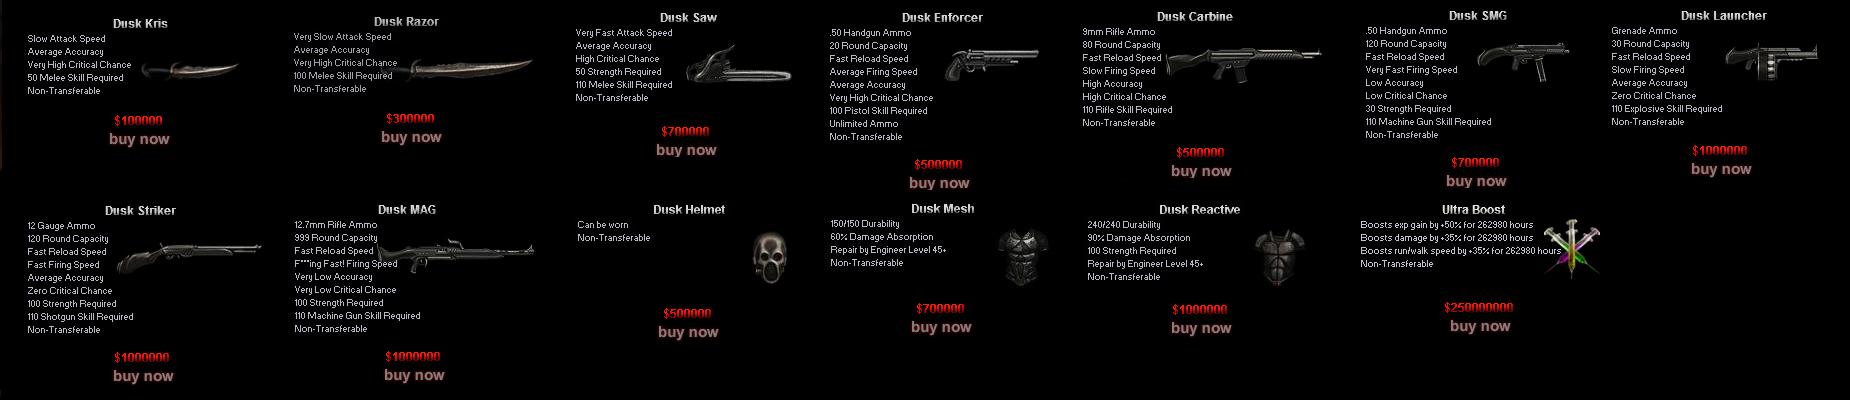 Dusk Shops | Dead Frontier Wiki | FANDOM powered by Wikia